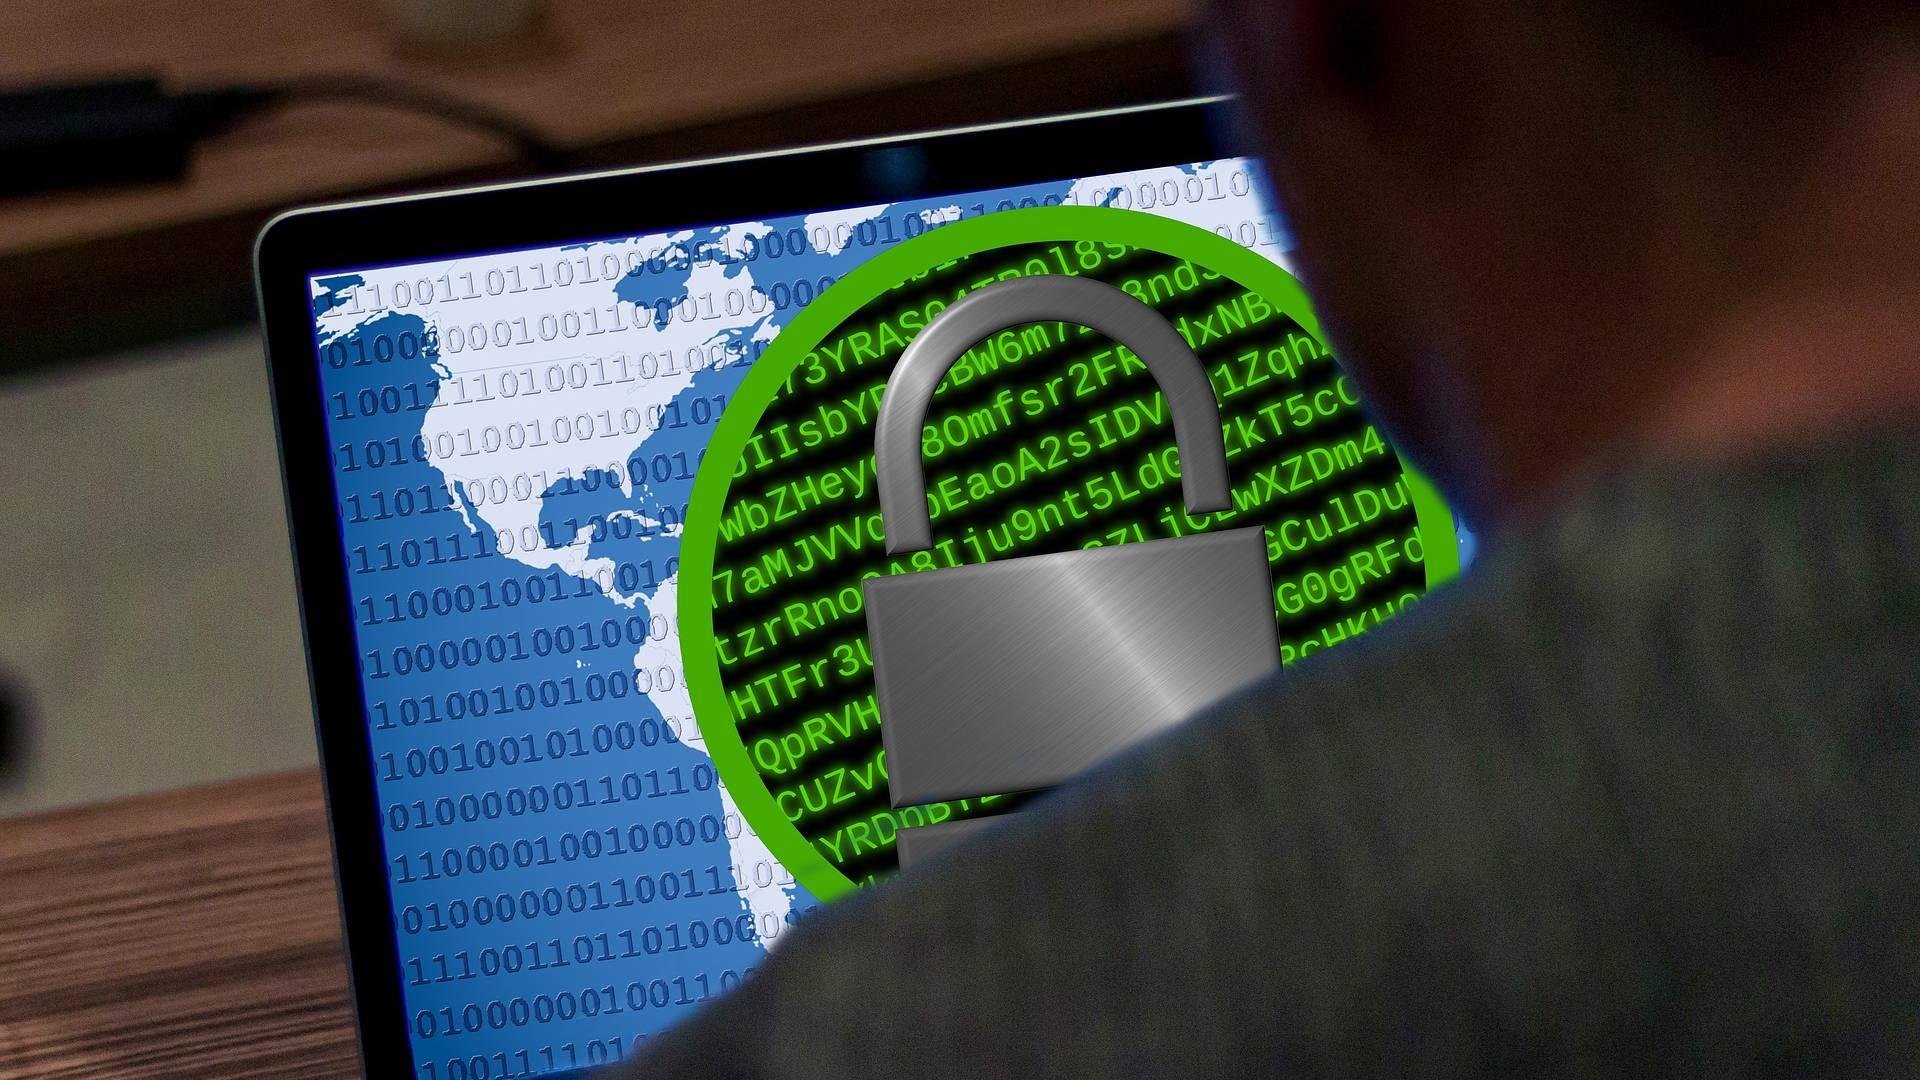 Cyberattacke bedroht Tausende von Unternehmen, wie Kaseya